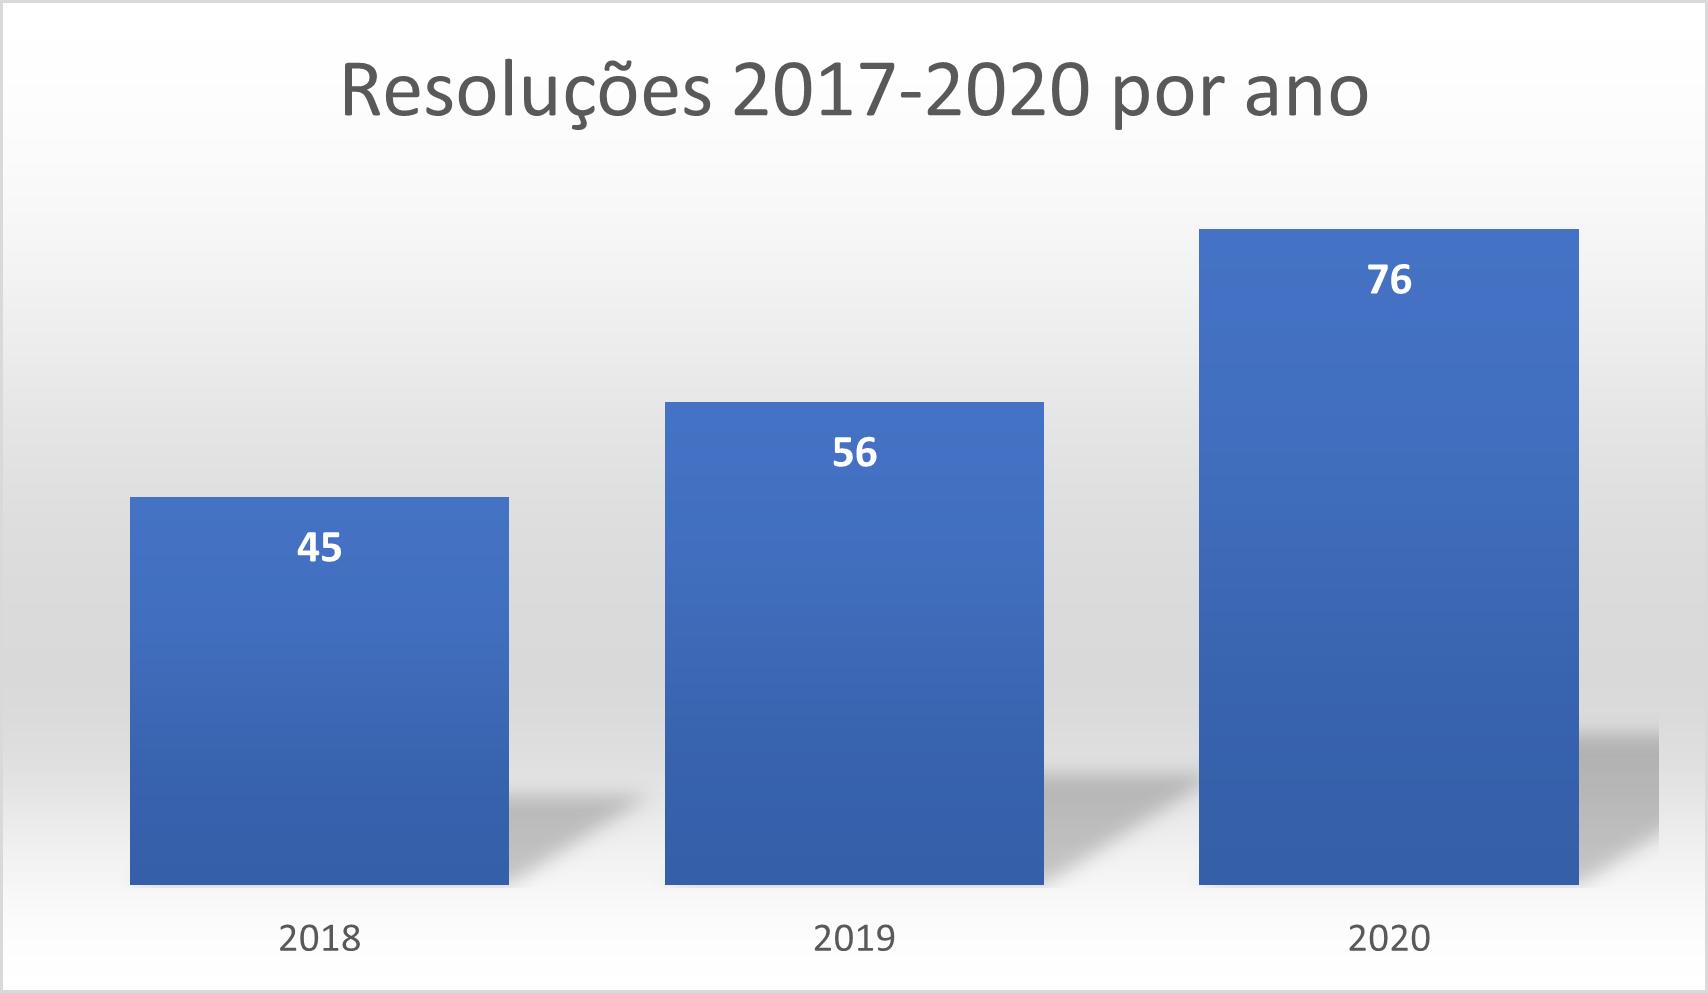 Resoluções 2017-2020